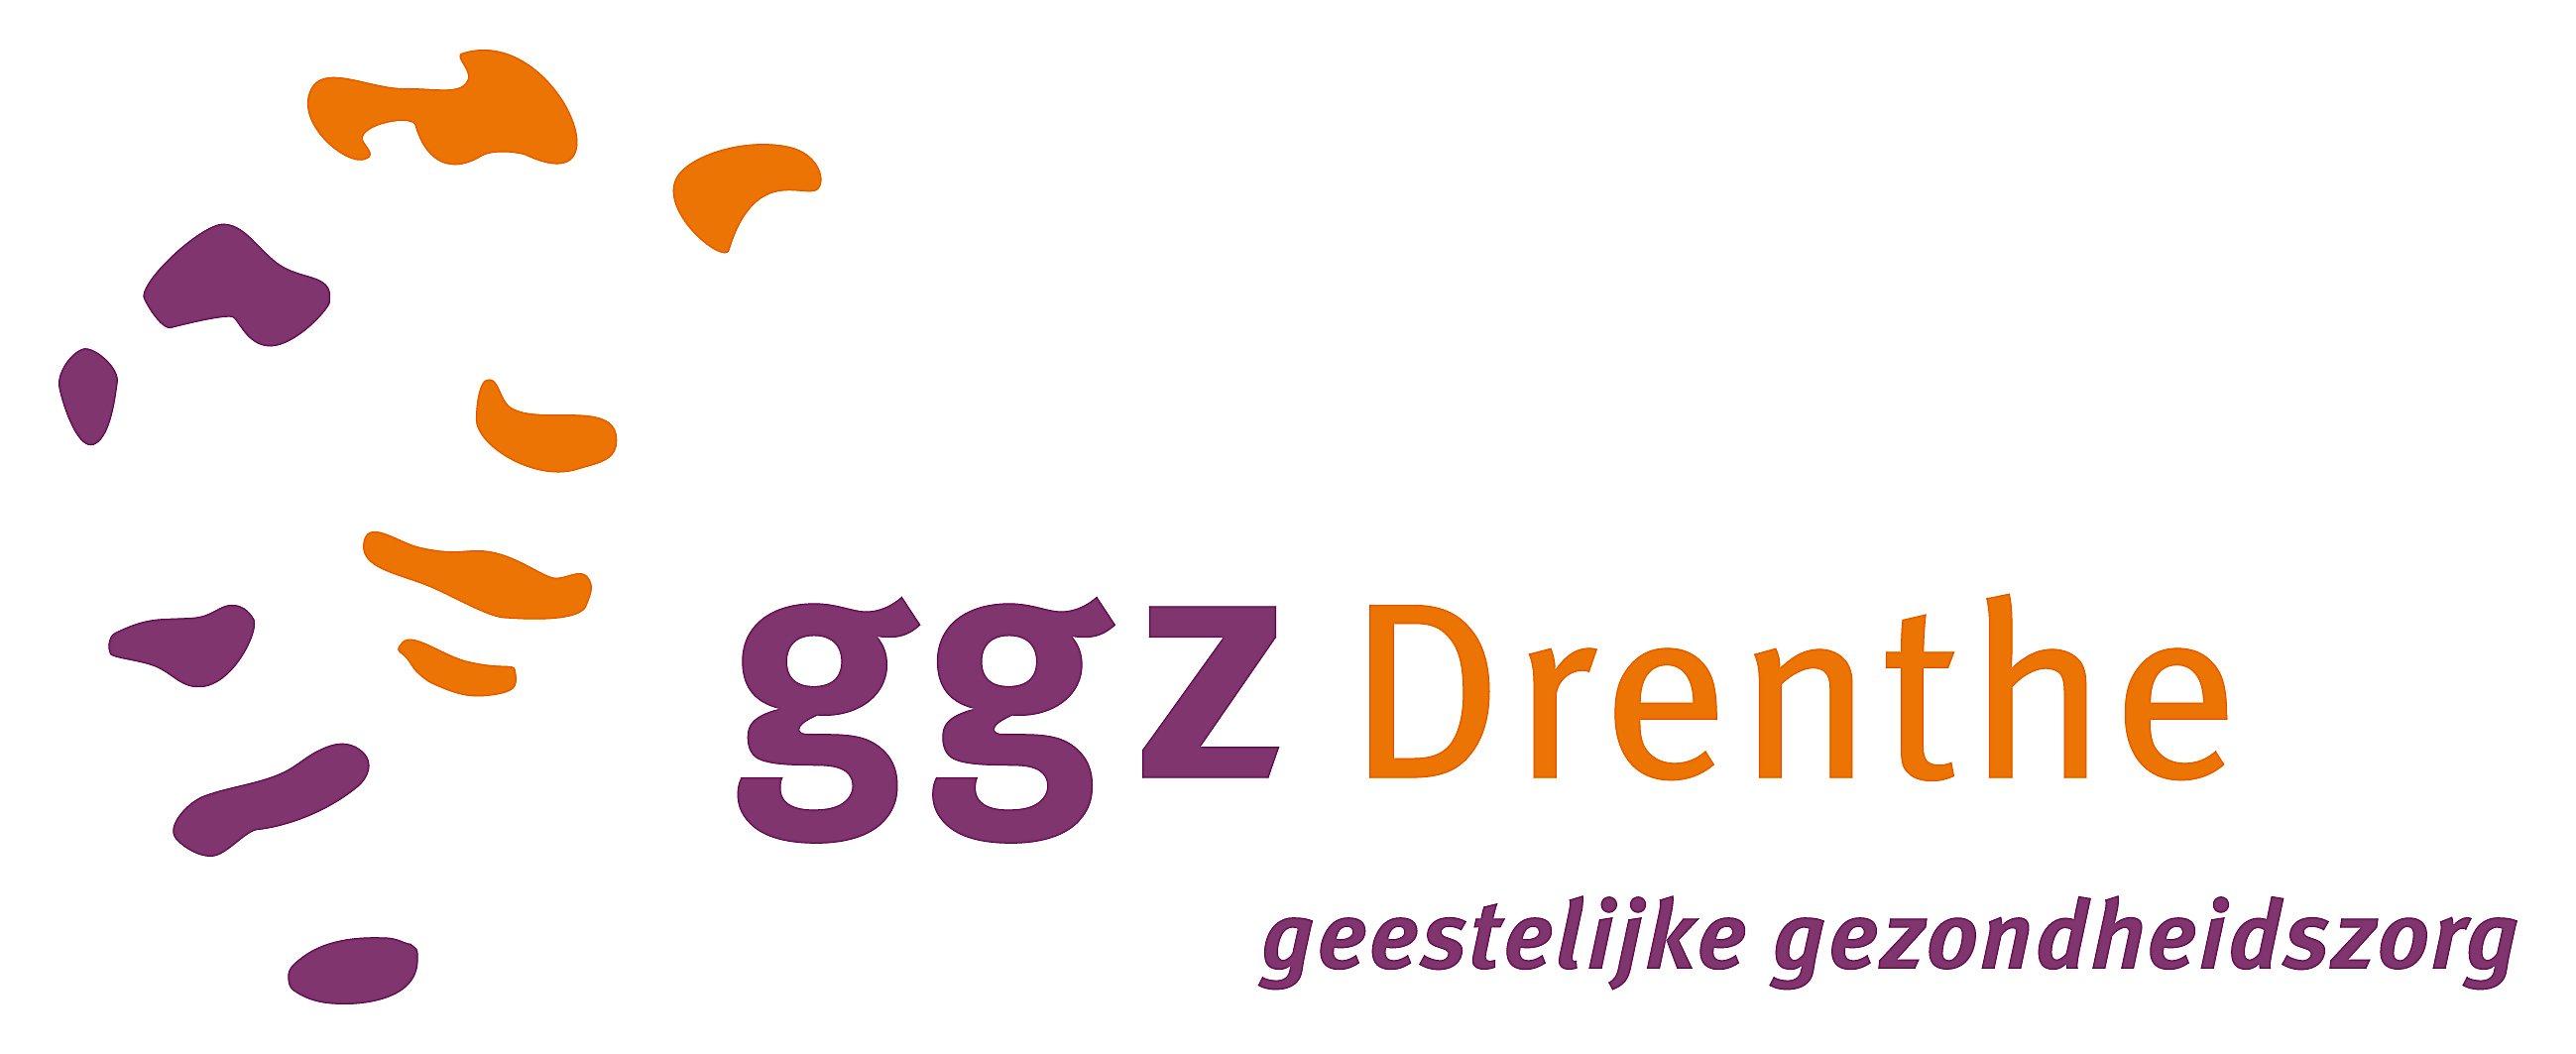 GGZ Drenthe